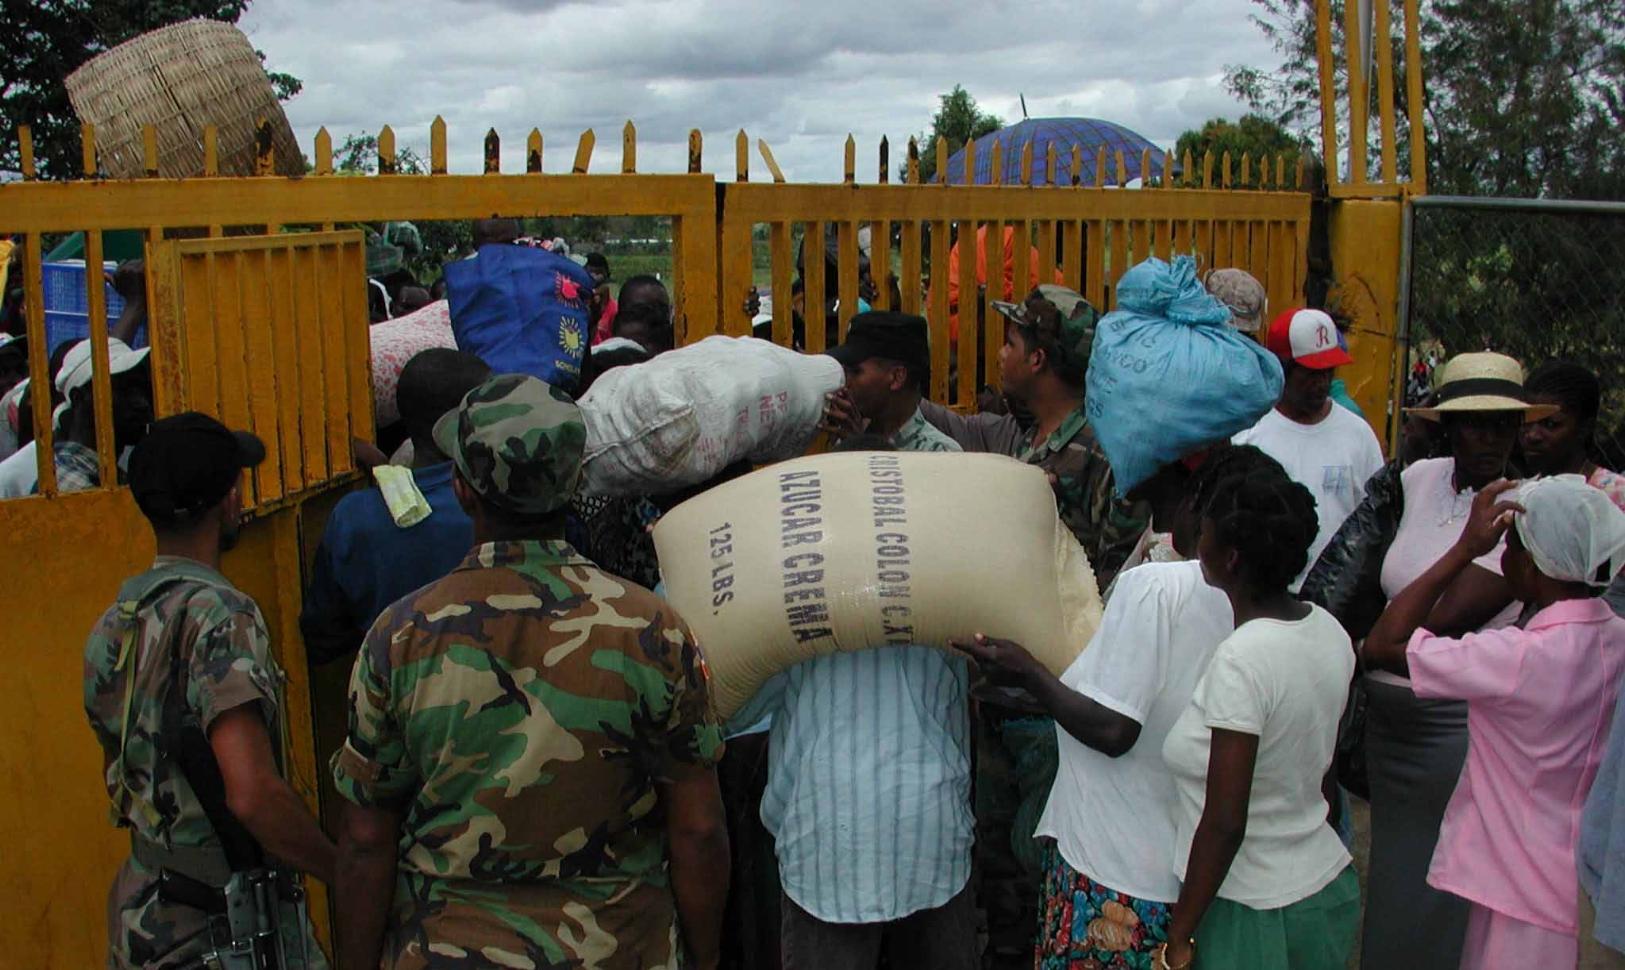 Autoridades Haití vuelven impedir paso de productos adquiridos R.Dominicana